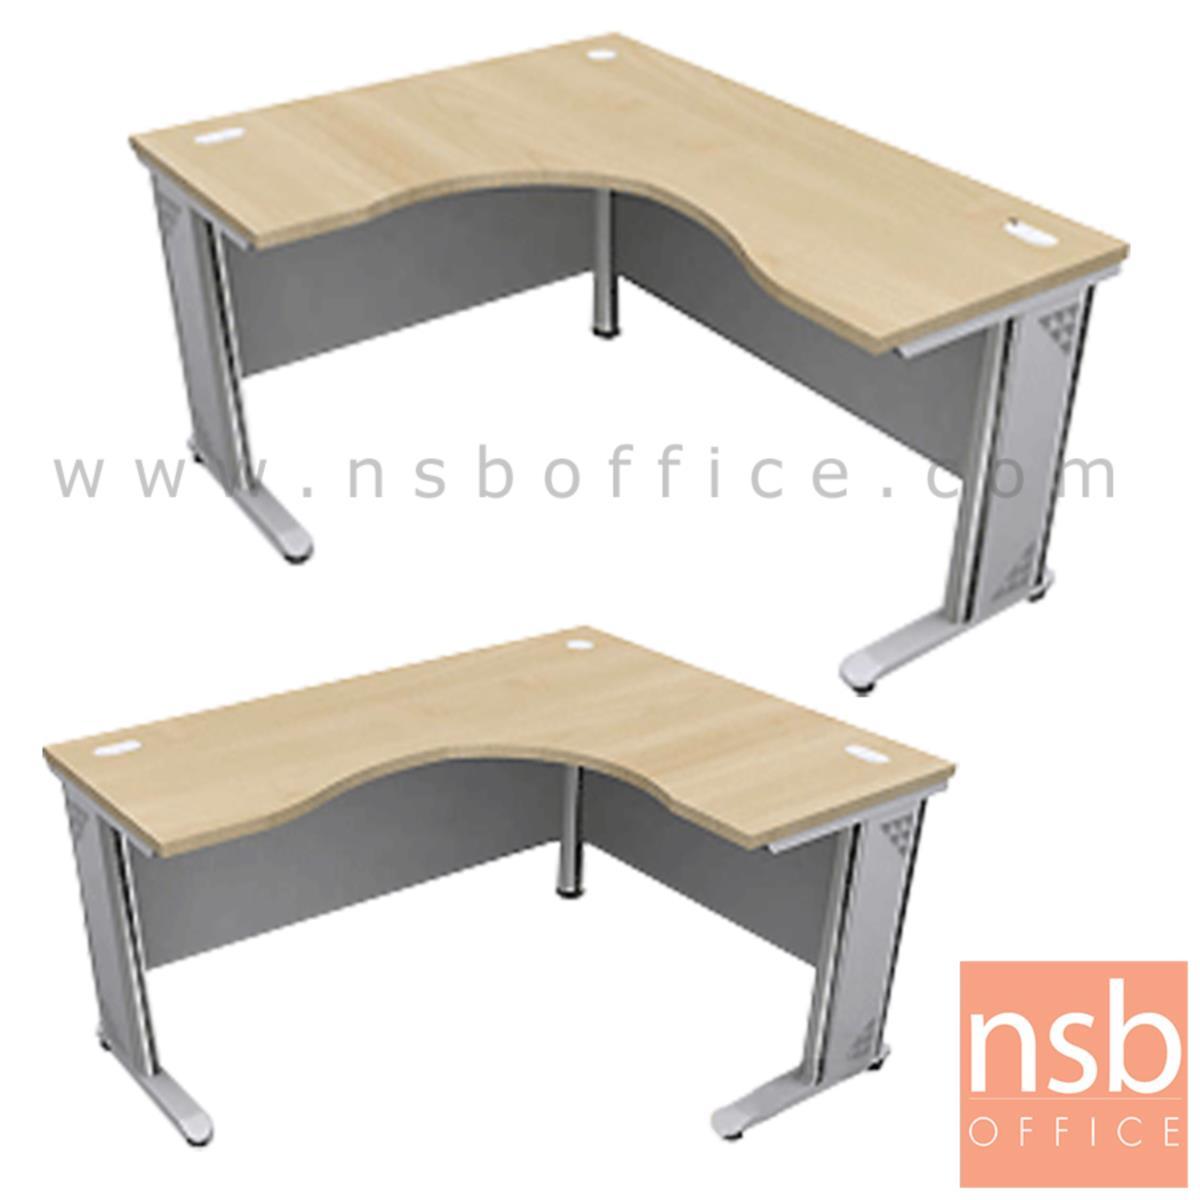 A18A018:โต๊ะทำงานตัวแอลหน้าโค้งเว้า รุ่น Camilo (คามิโล) ขนาด 150W1 ,165W1 ,180W1*120W2 cm.  ขาเหล็ก